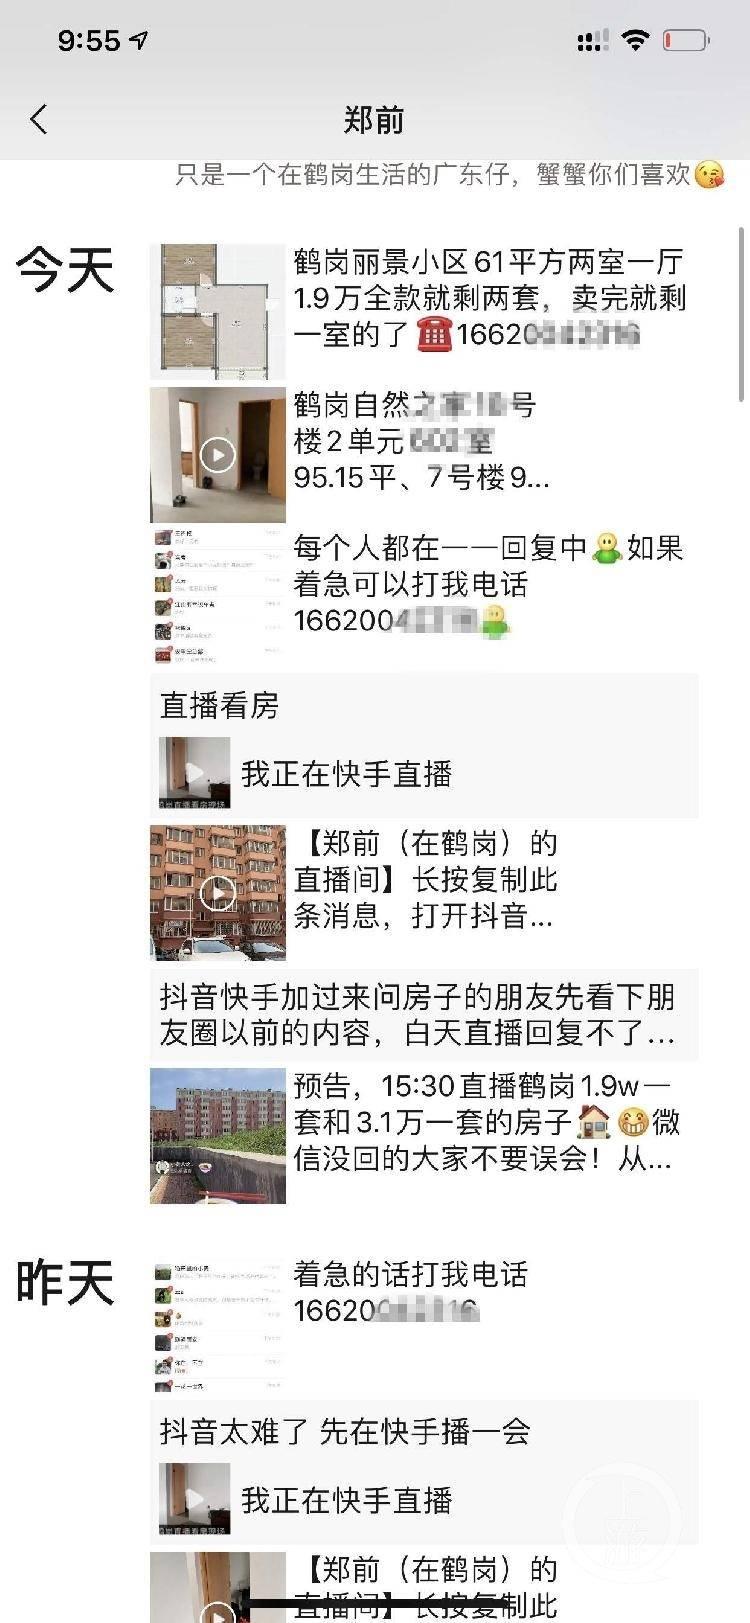 """黑龙江鹤岗""""白菜房价""""再调查:房价小幅上涨购房热潮已退 2万一套的房子消失"""